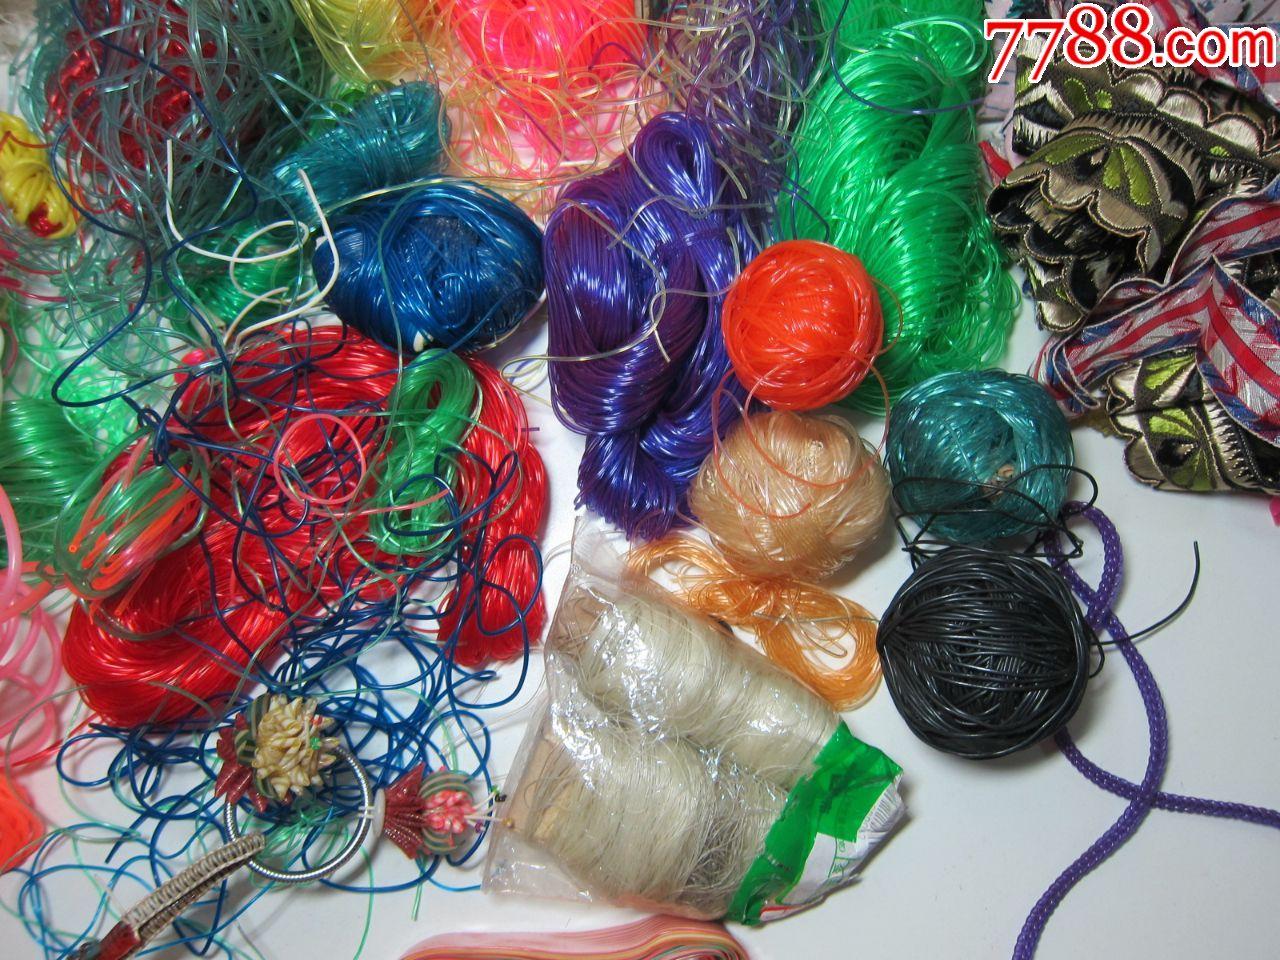 纯手工编织塑料老玩具一堆,塑料孙悟空摆件,椅子,金鱼,虾,钥匙坠花等